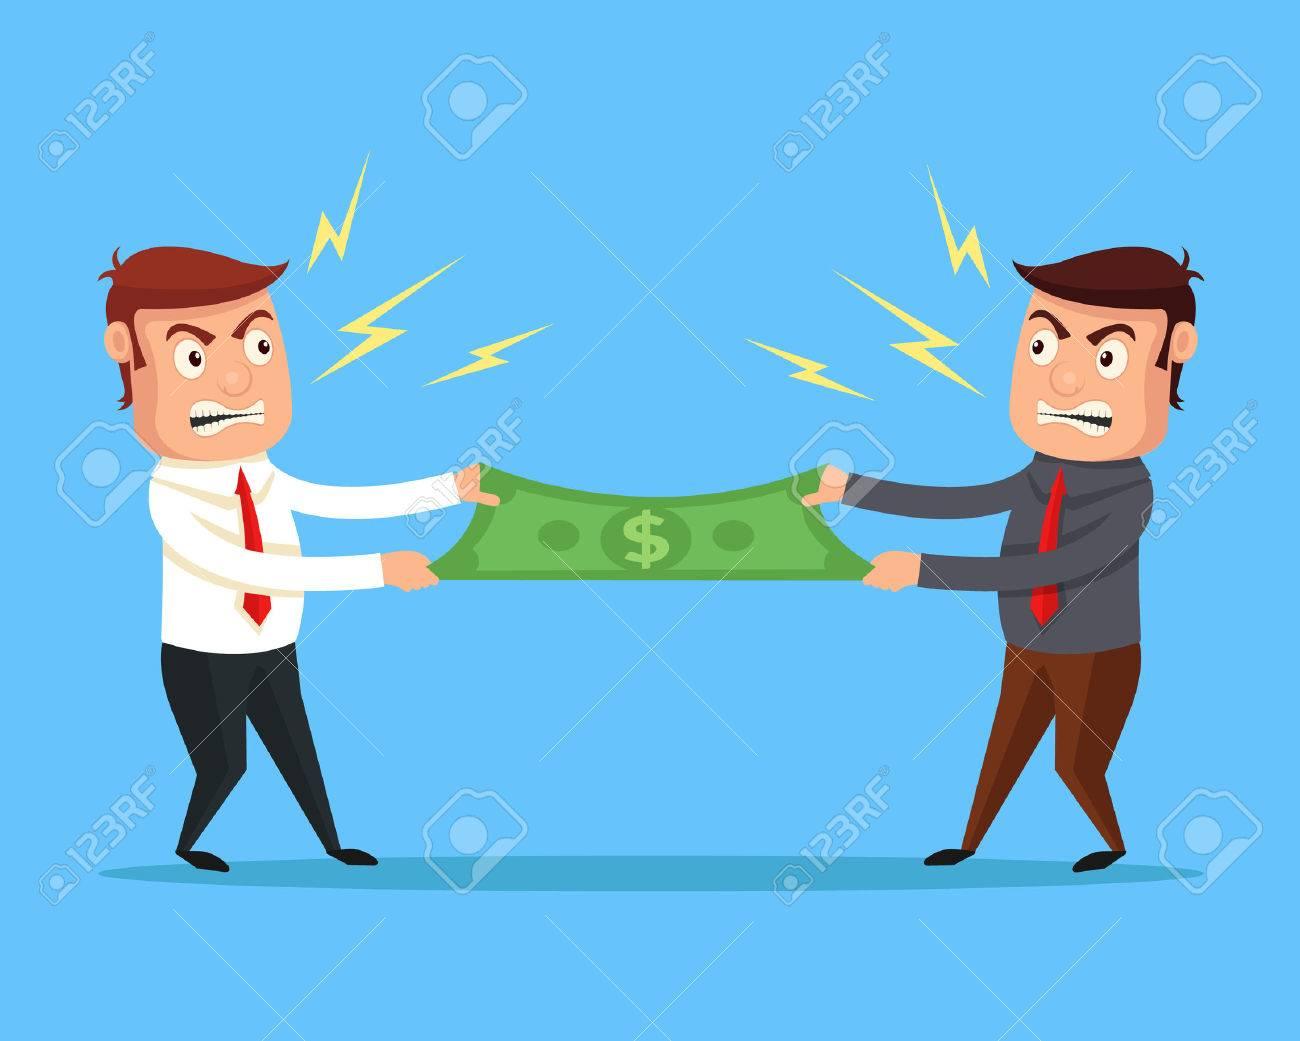 Men divide money. Vector flat cartoon illustration - 55965696